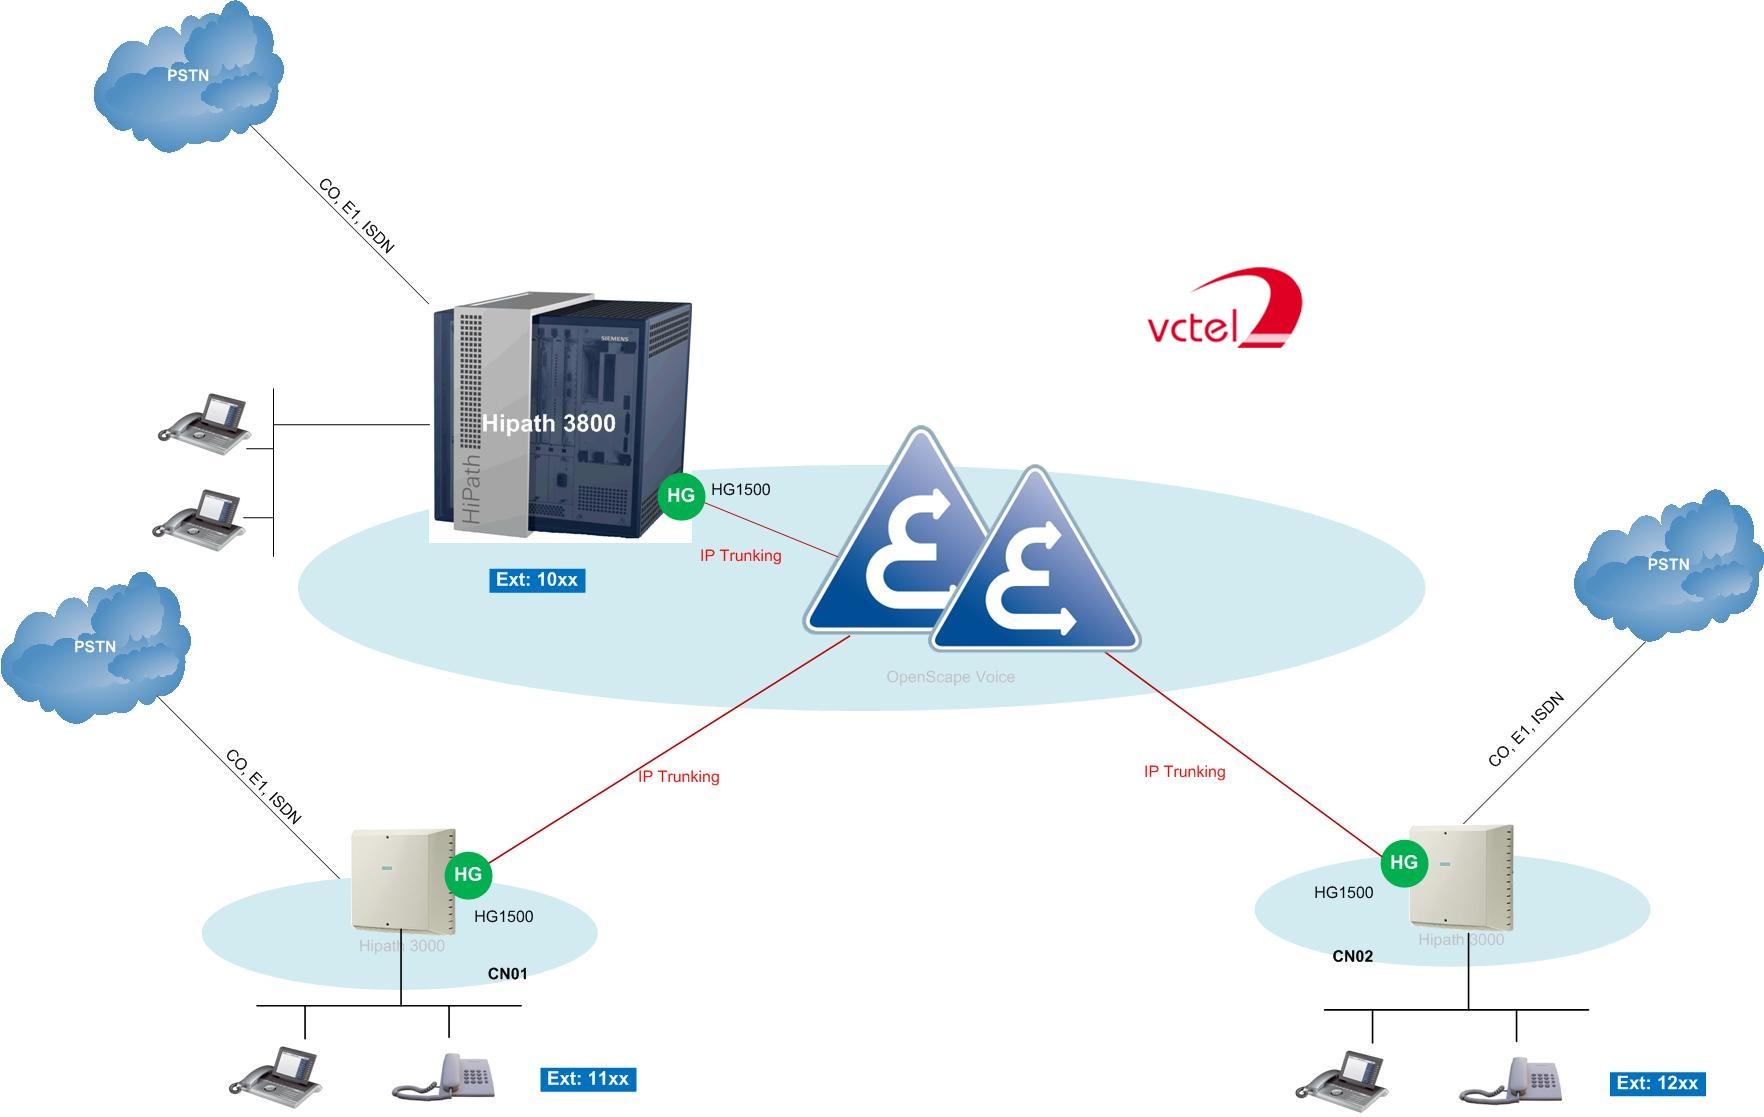 Hệ thổng tổng đài điện thoạI Siemens VCTEL